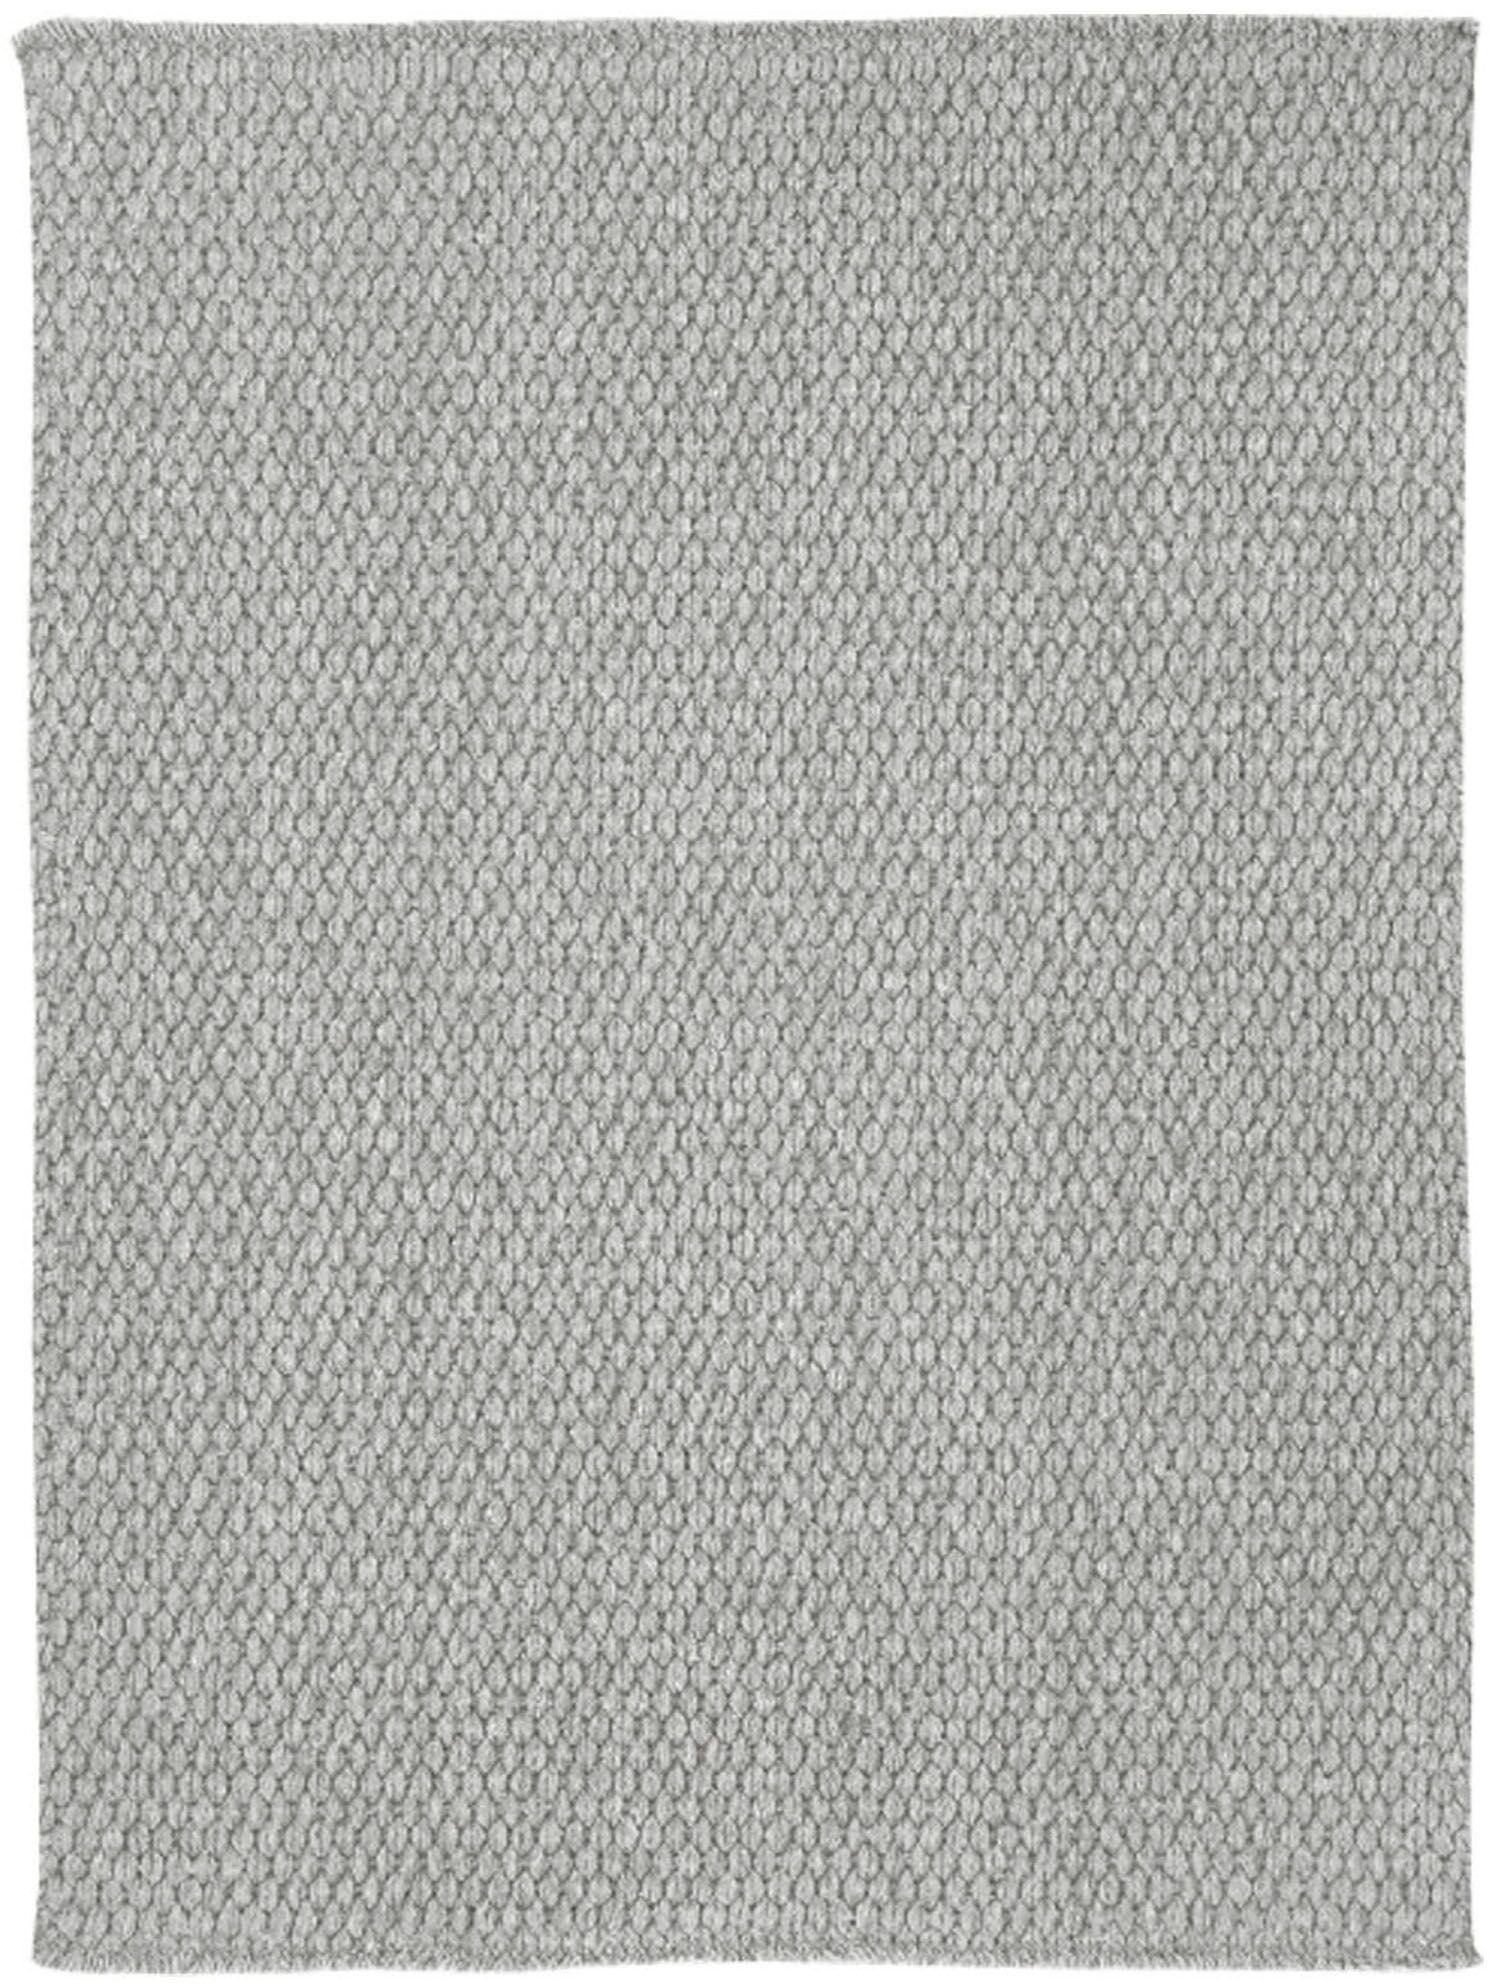 Lawson Steel Rug Rug Size: 8' x 11'